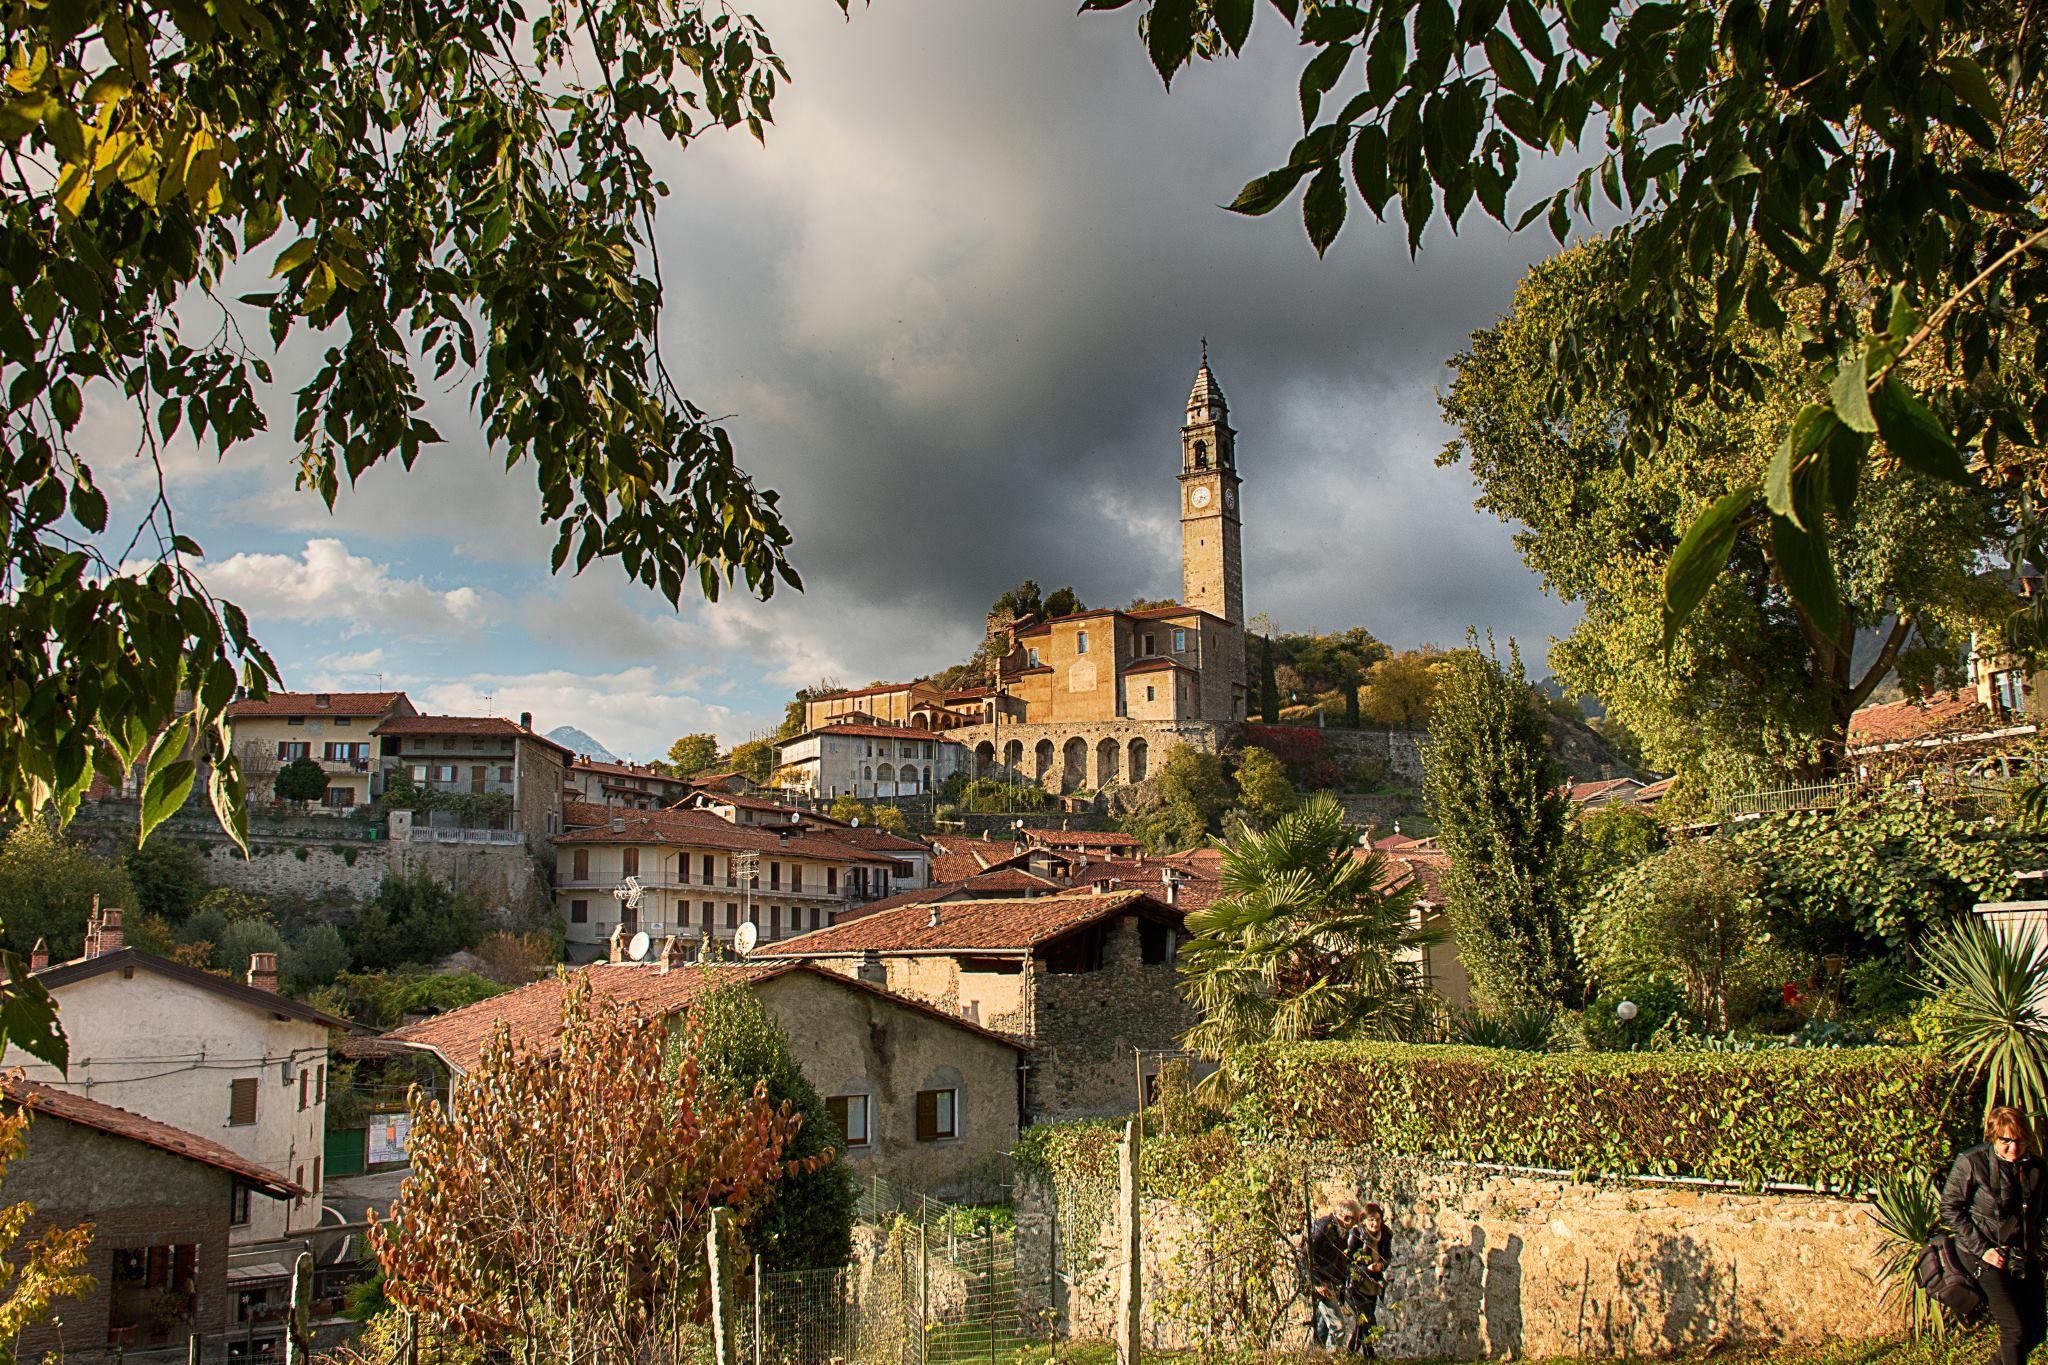 CANAVESE - Addio a Giuseppino Binel, Chiaverano in lutto